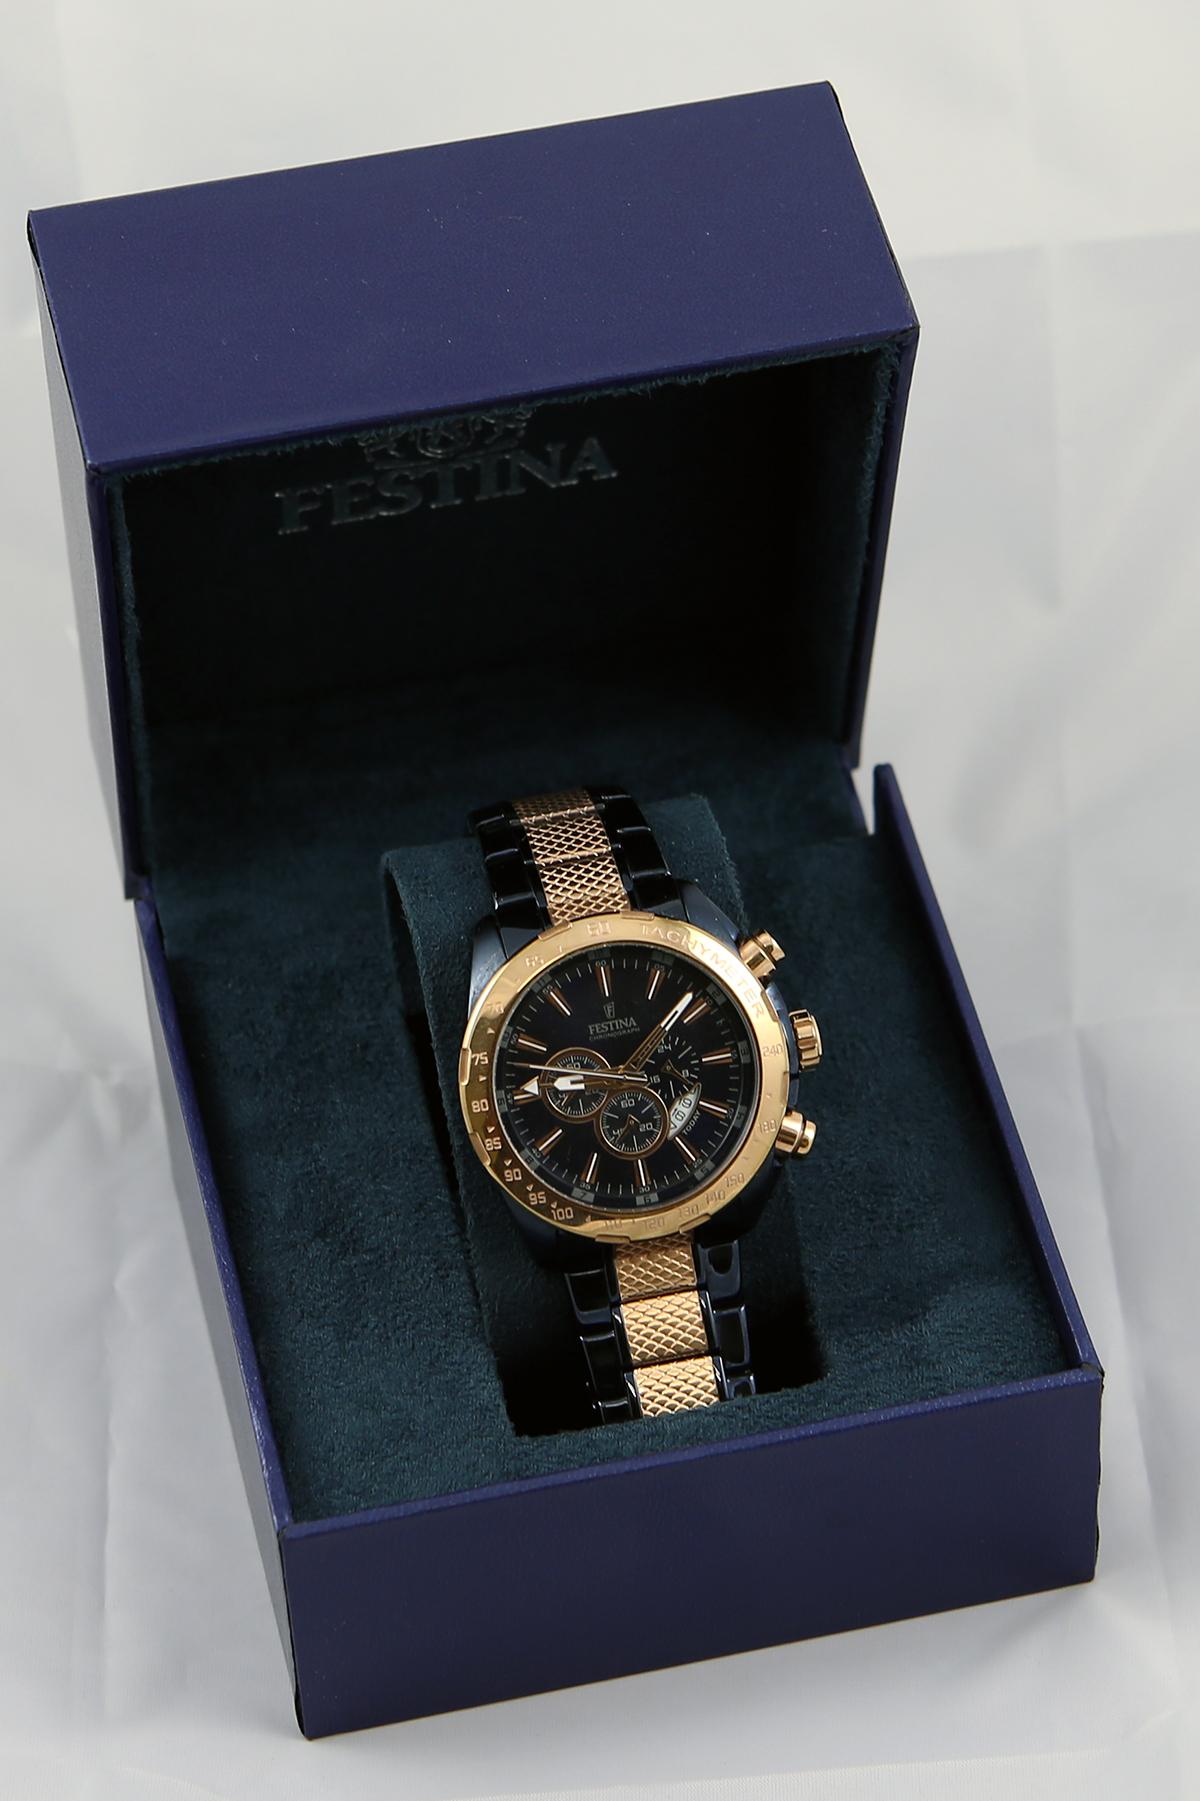 Pánské náramkové hodinky  Festina 16886 - Zastavárna a Bazar Zlín ... 946c5d46409